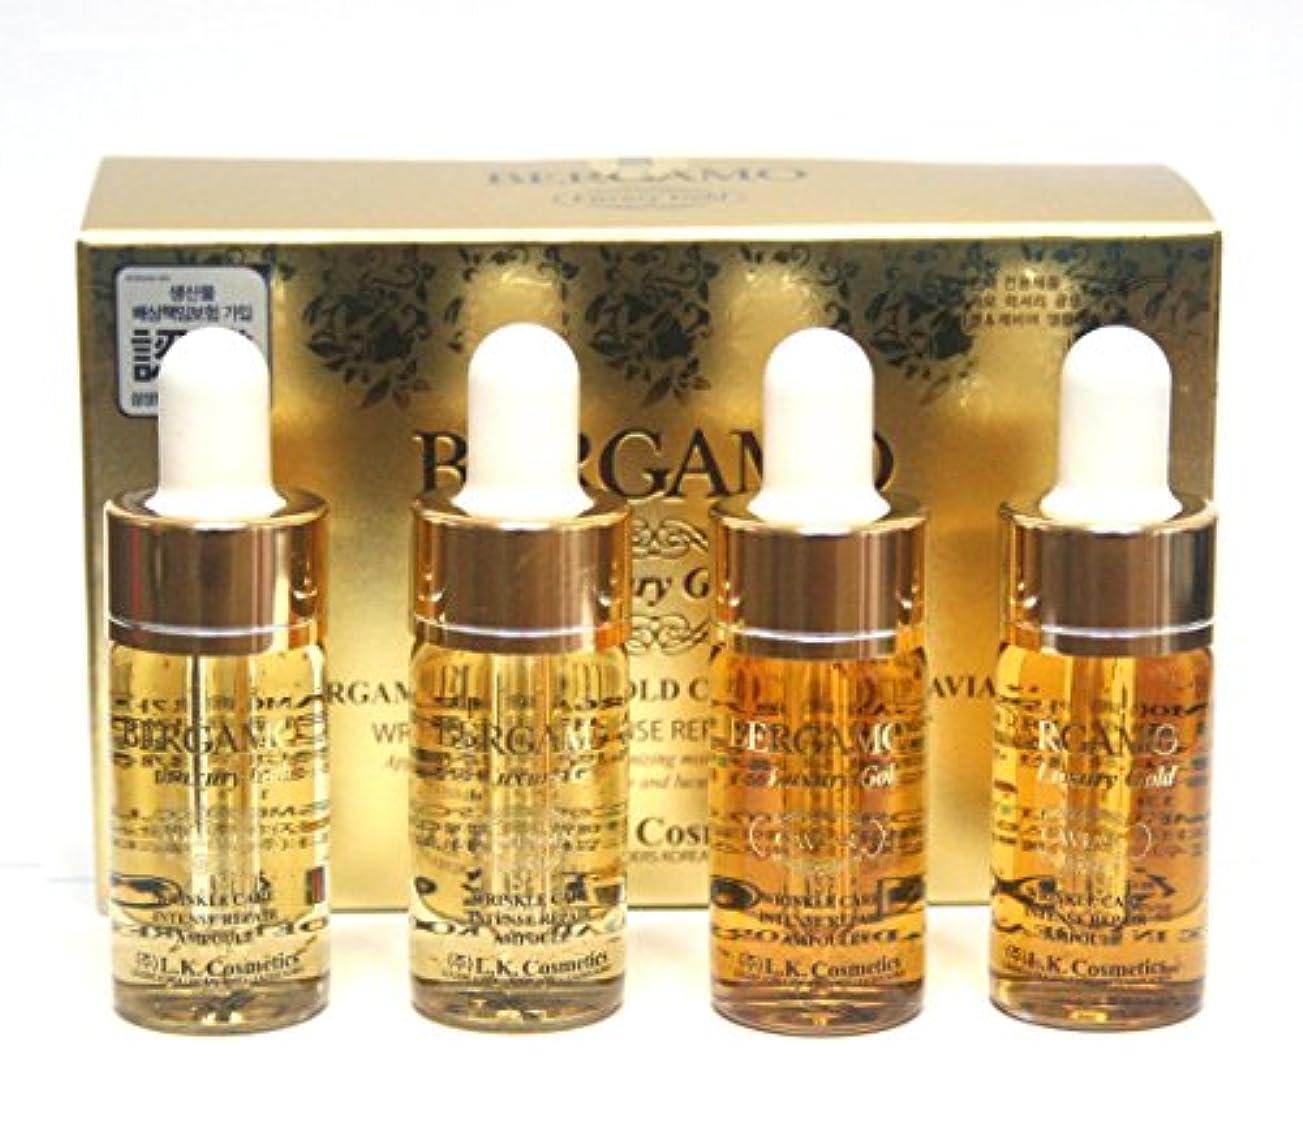 半ば偽善殺人者[ベルガモ] Bergamo/ラグジュアリーゴールドコラーゲン&キャビアリンクルケアアンプルセット13ml * 4ea/Luxury Gold Collagen & Caviar Wrinkle Care Repair...